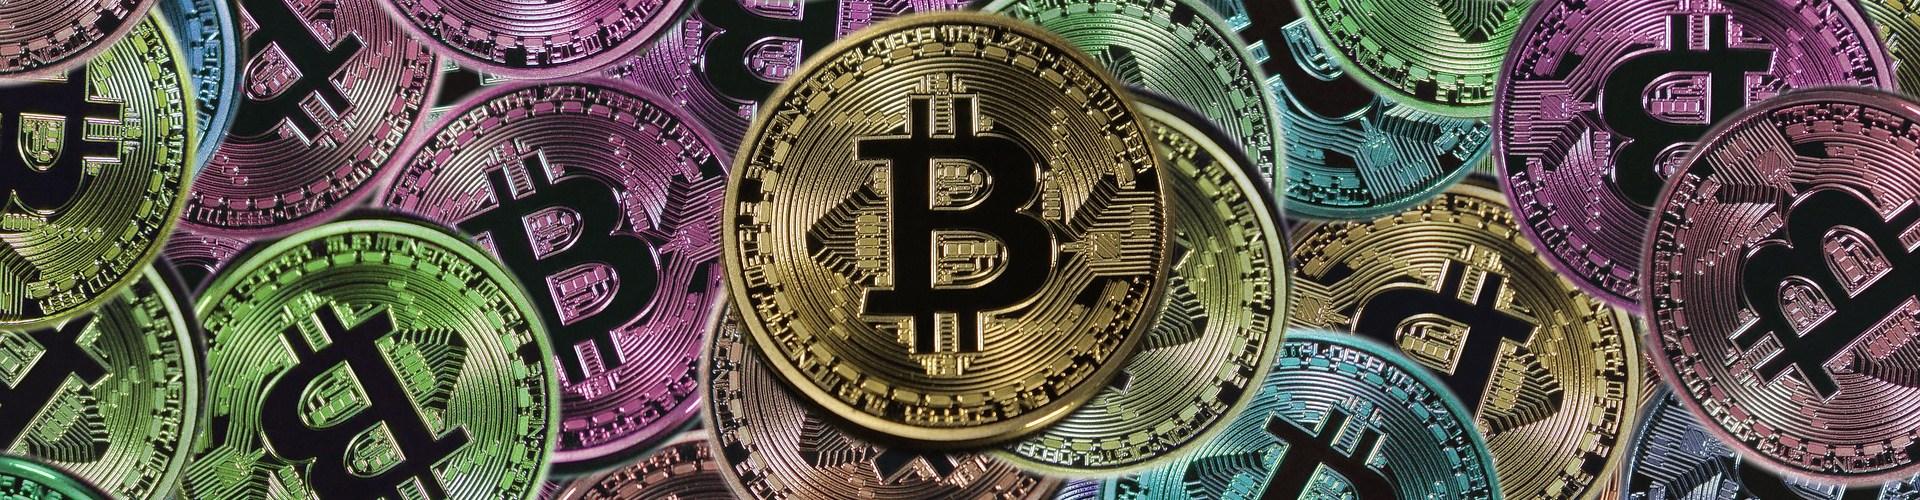 Sumergiéndonos en el BitCoin